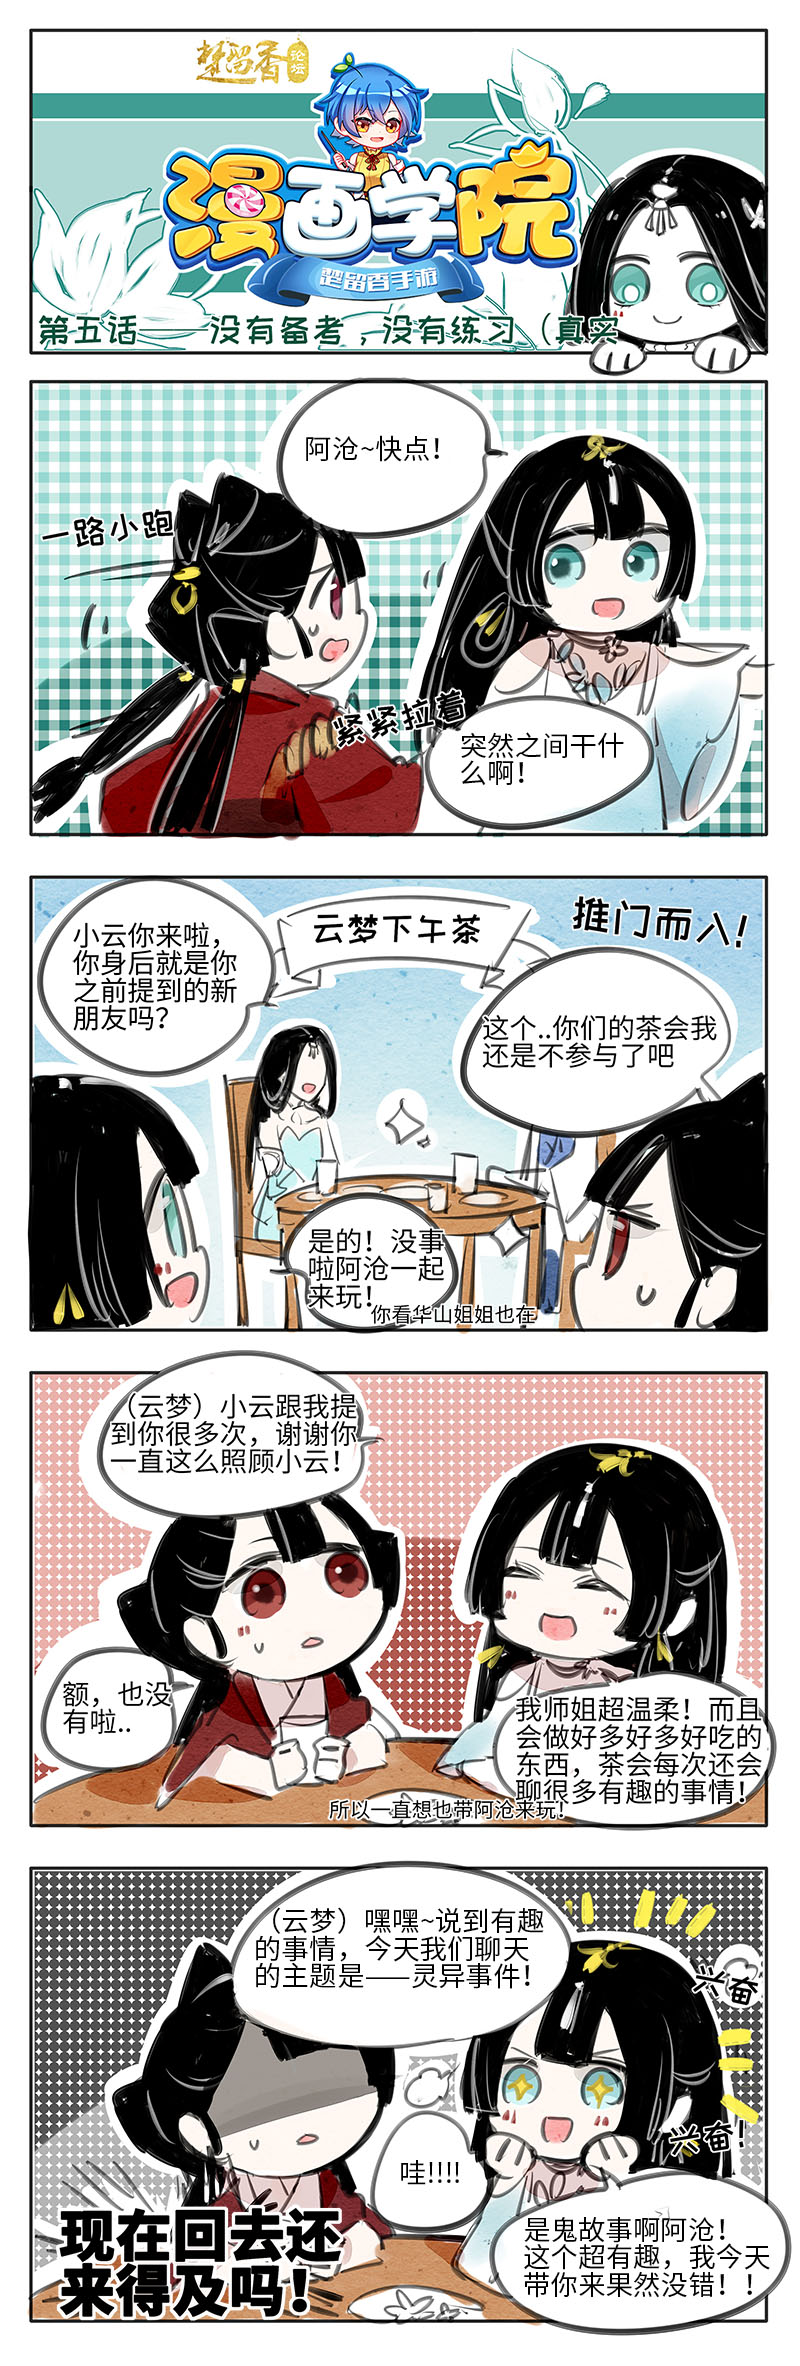 【原创作者联盟】【漫画学院】出道吧!一梦江湖!(第五话)(共9P)